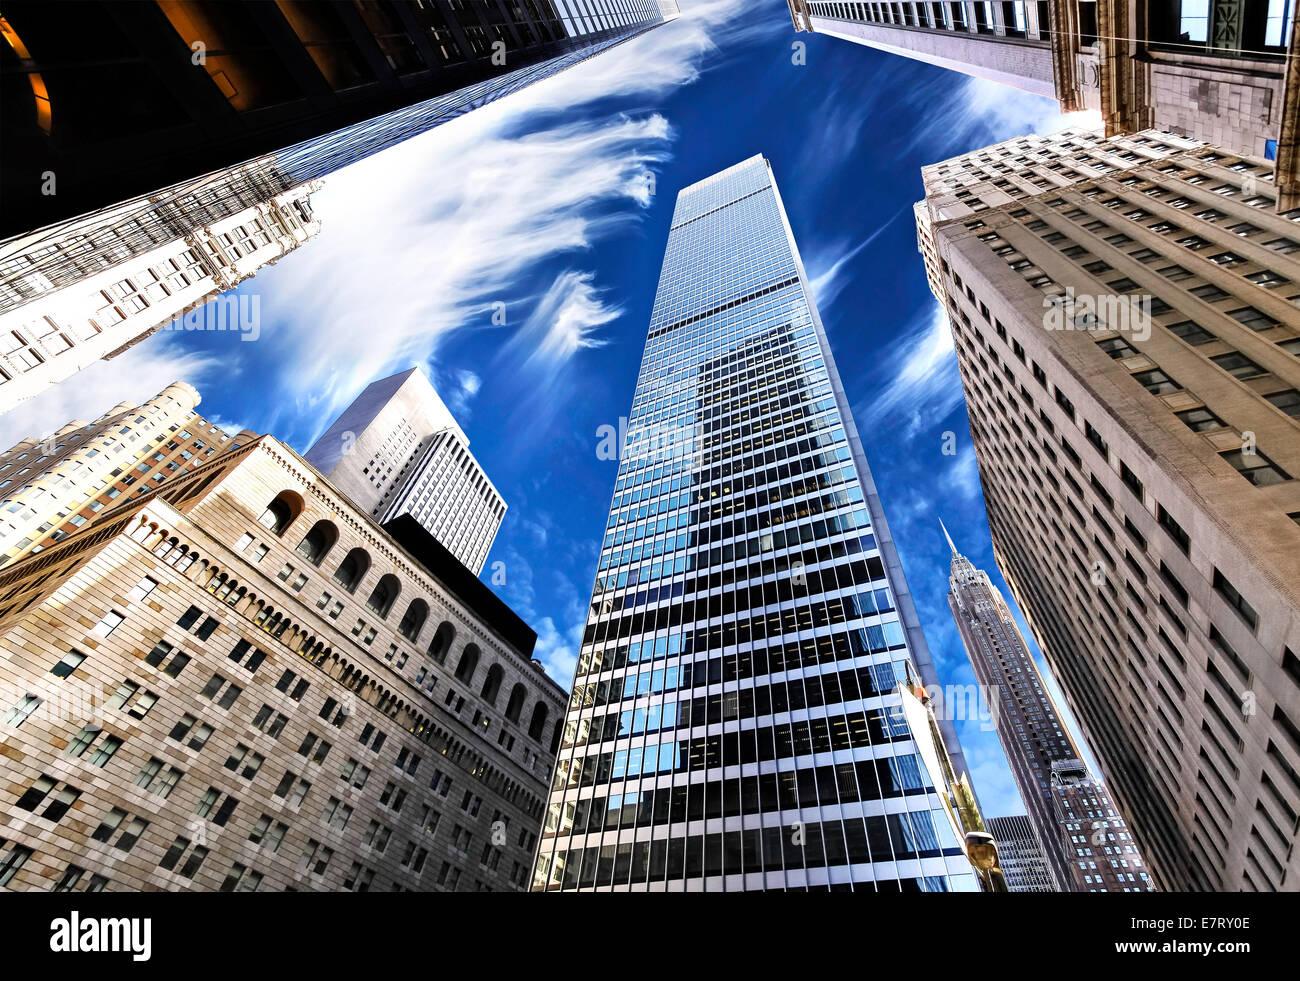 Gratte-ciel de Manhattan, à la recherche jusqu'au ciel, la ville de New York. Photo Stock